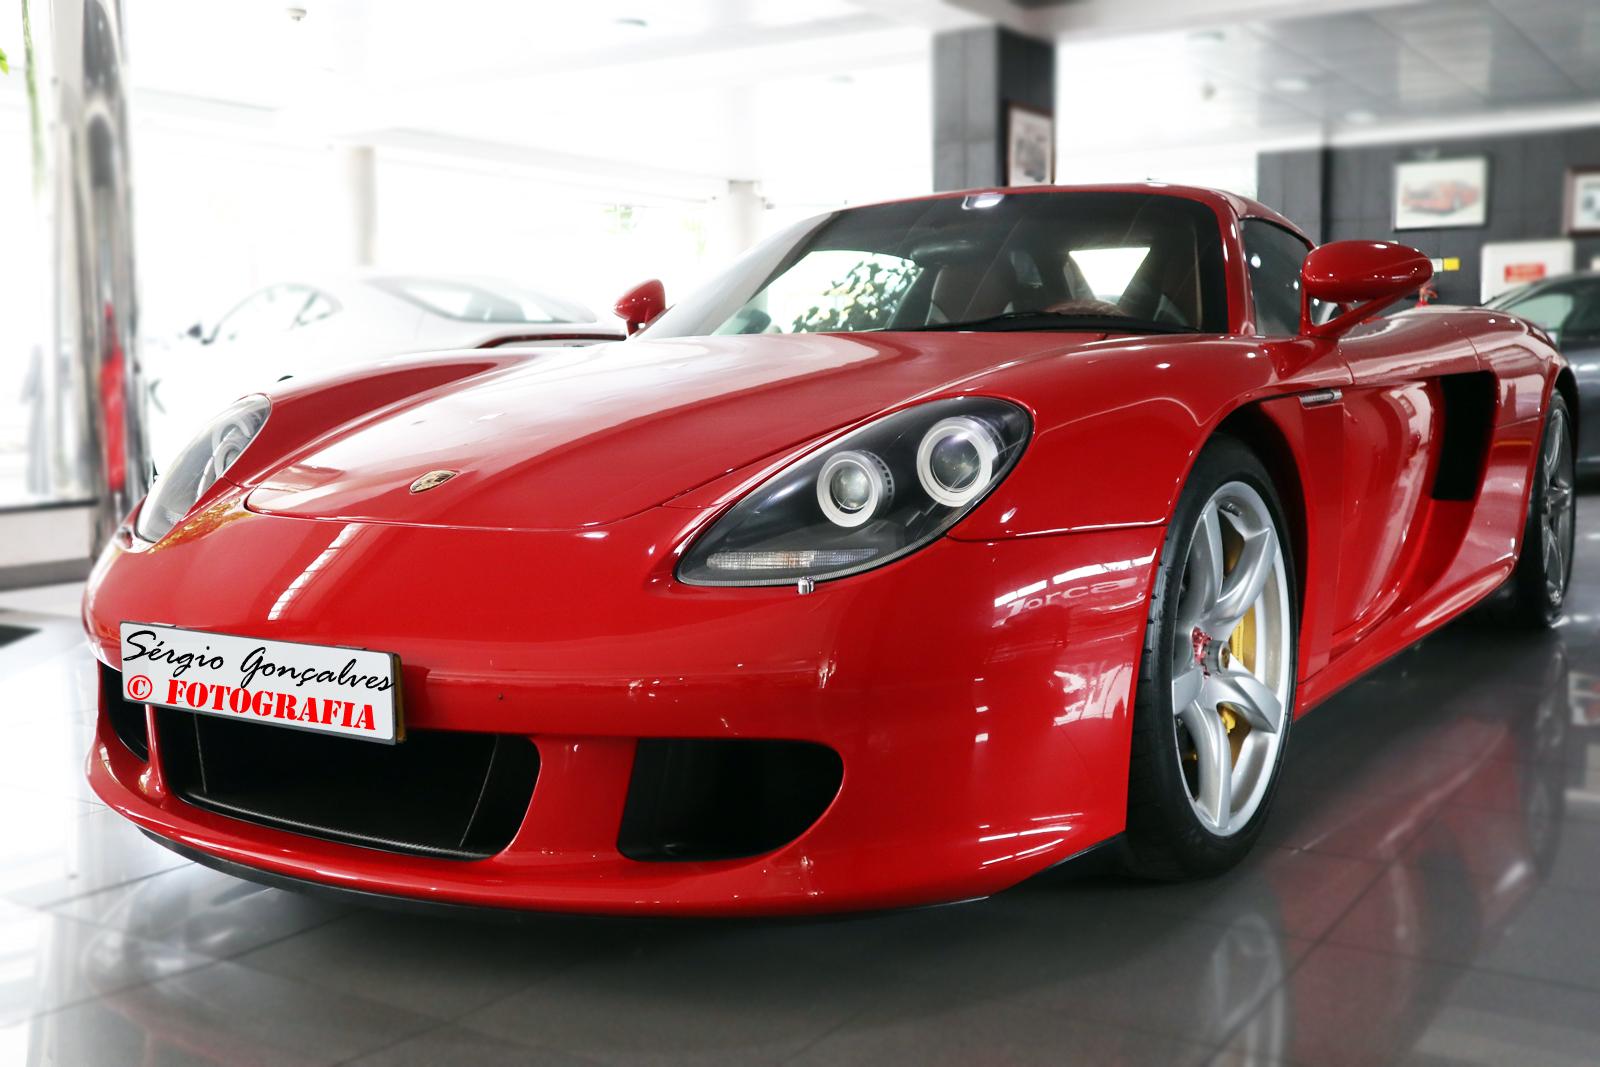 Um Incrivel Porsche Carrera Gt A Venda Em Portugal